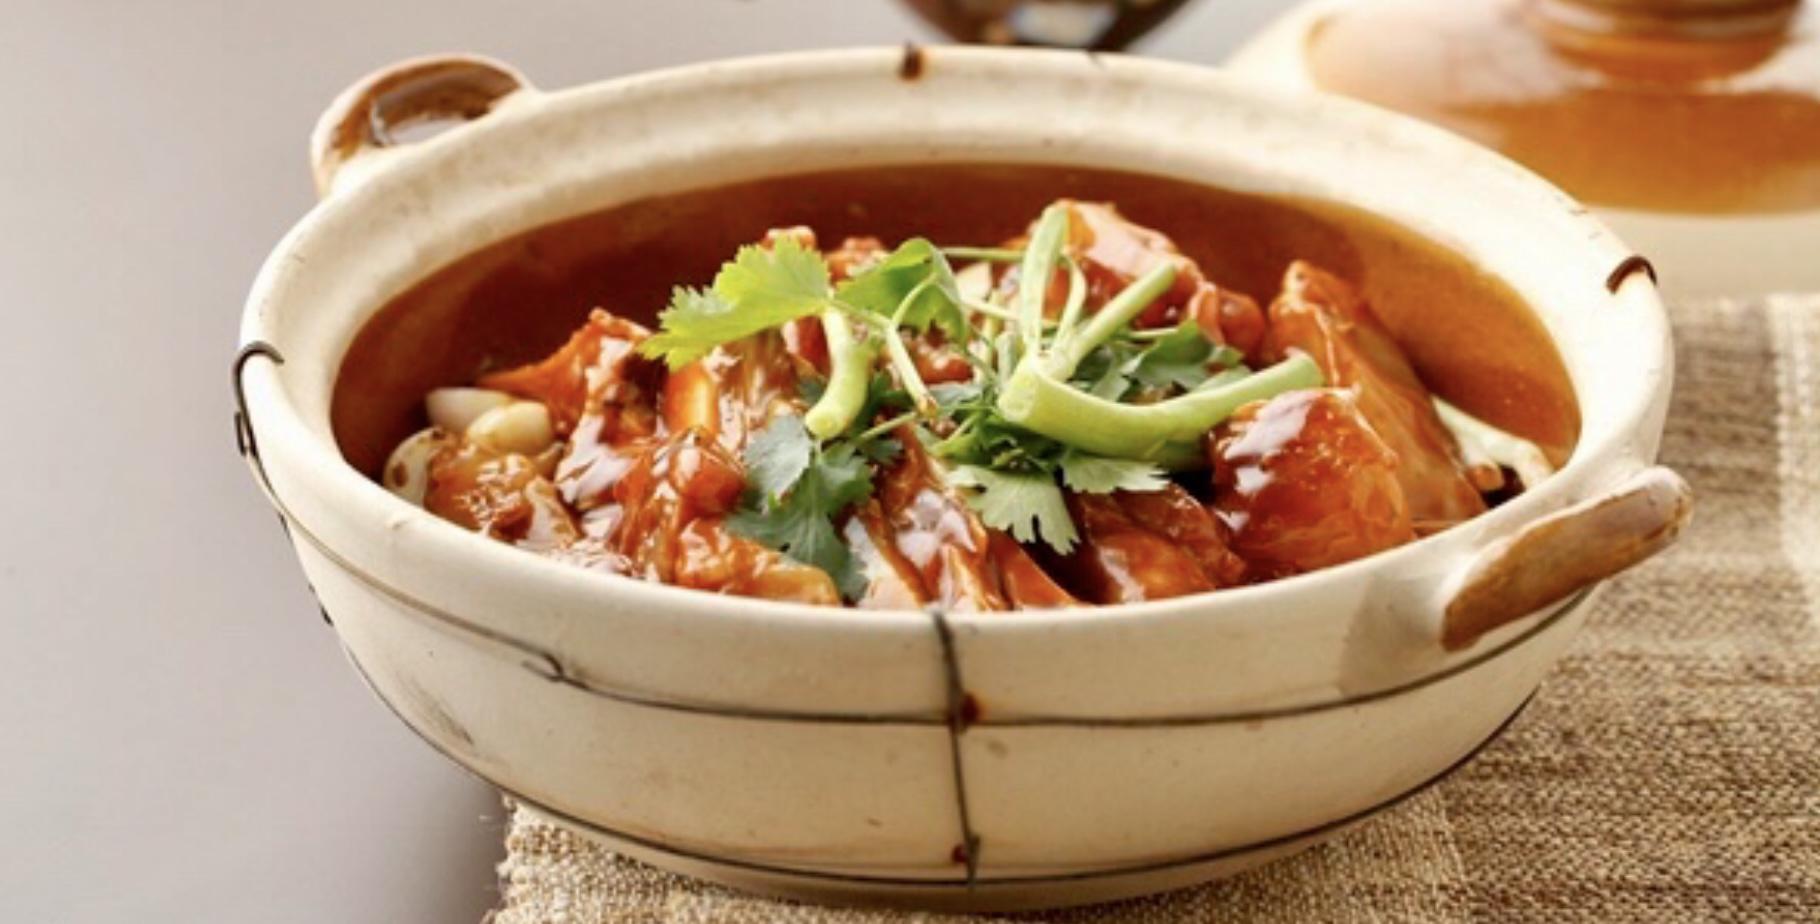 Caçarola de peixe, um dos pratos de destaque assinados pelo Xin Rong Ji classificado como 3 Estrelas pelo Guia Michelin 2020 de Beijing